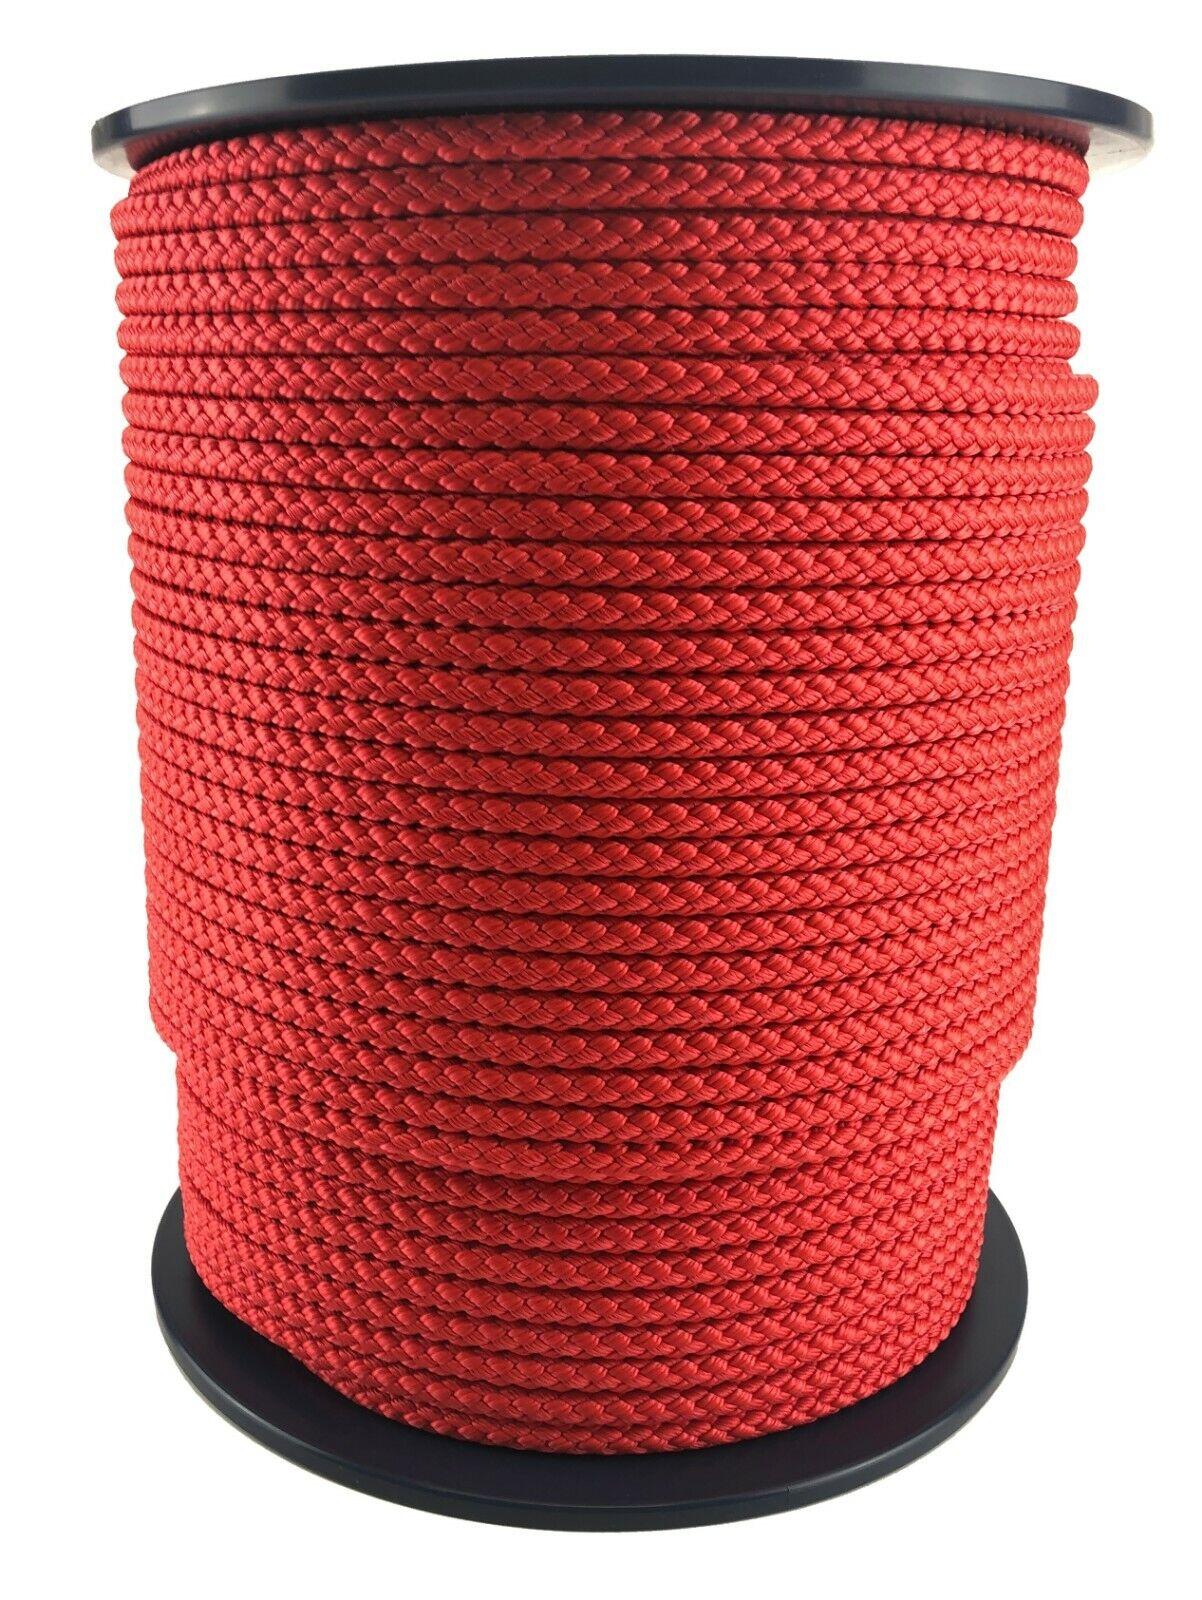 8mm Rot Polypropylen Seil X 200 Meter Geflochten Poly Line Segeln Stiefelfahren